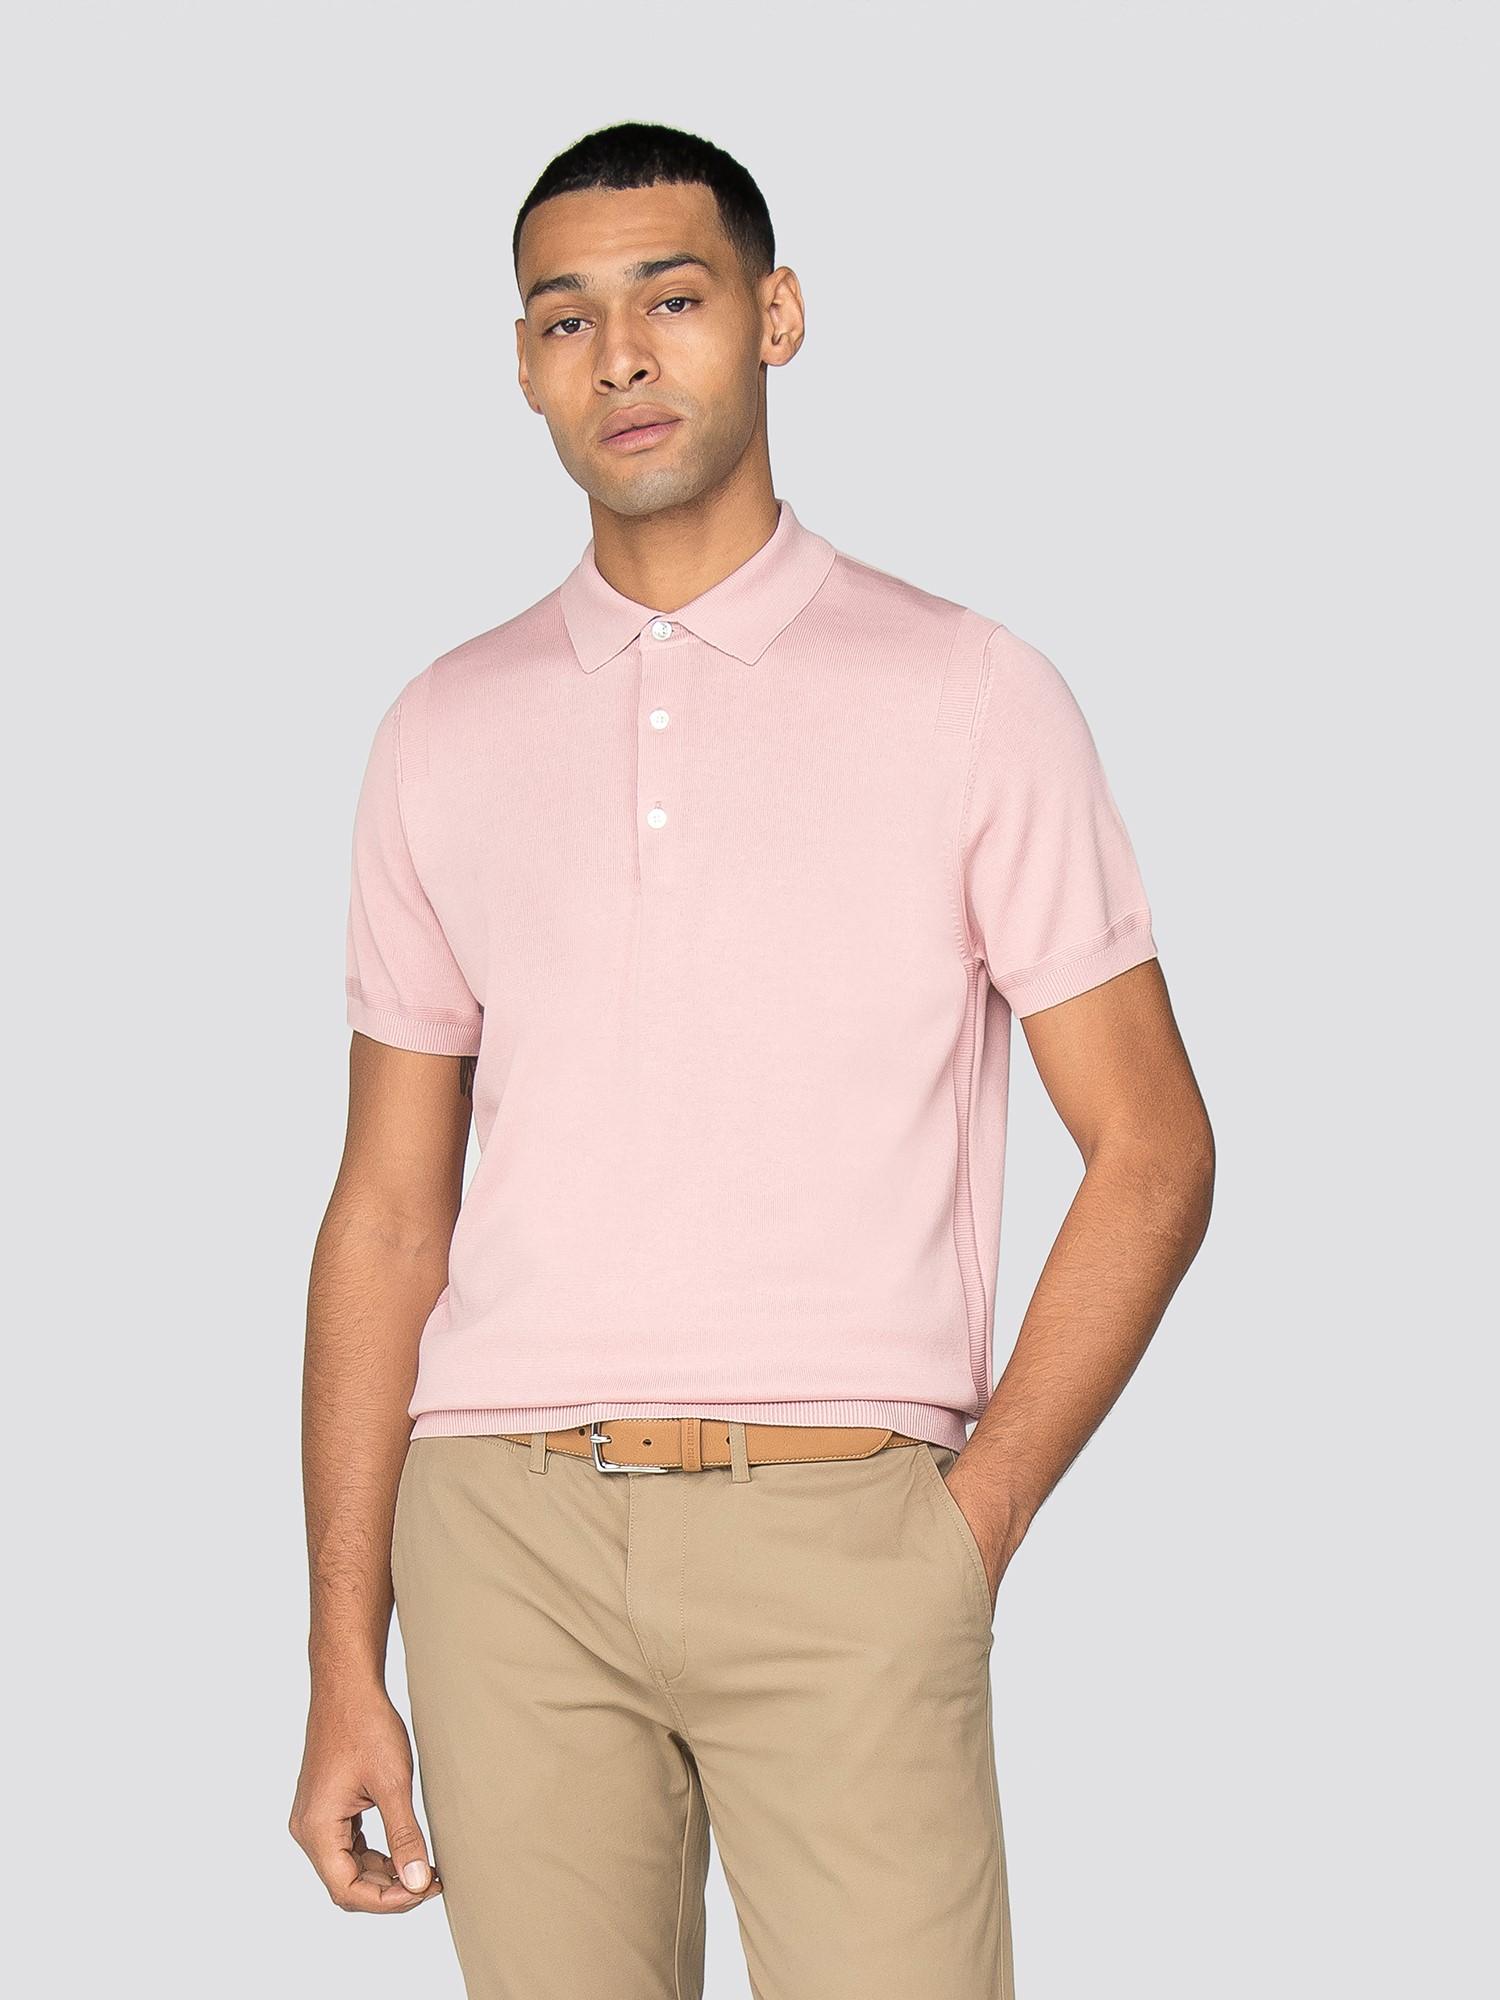 f4b2e47413b4 Men's Pale Pink Knitted Polo Shirt | Ben Sherman | Est 1963